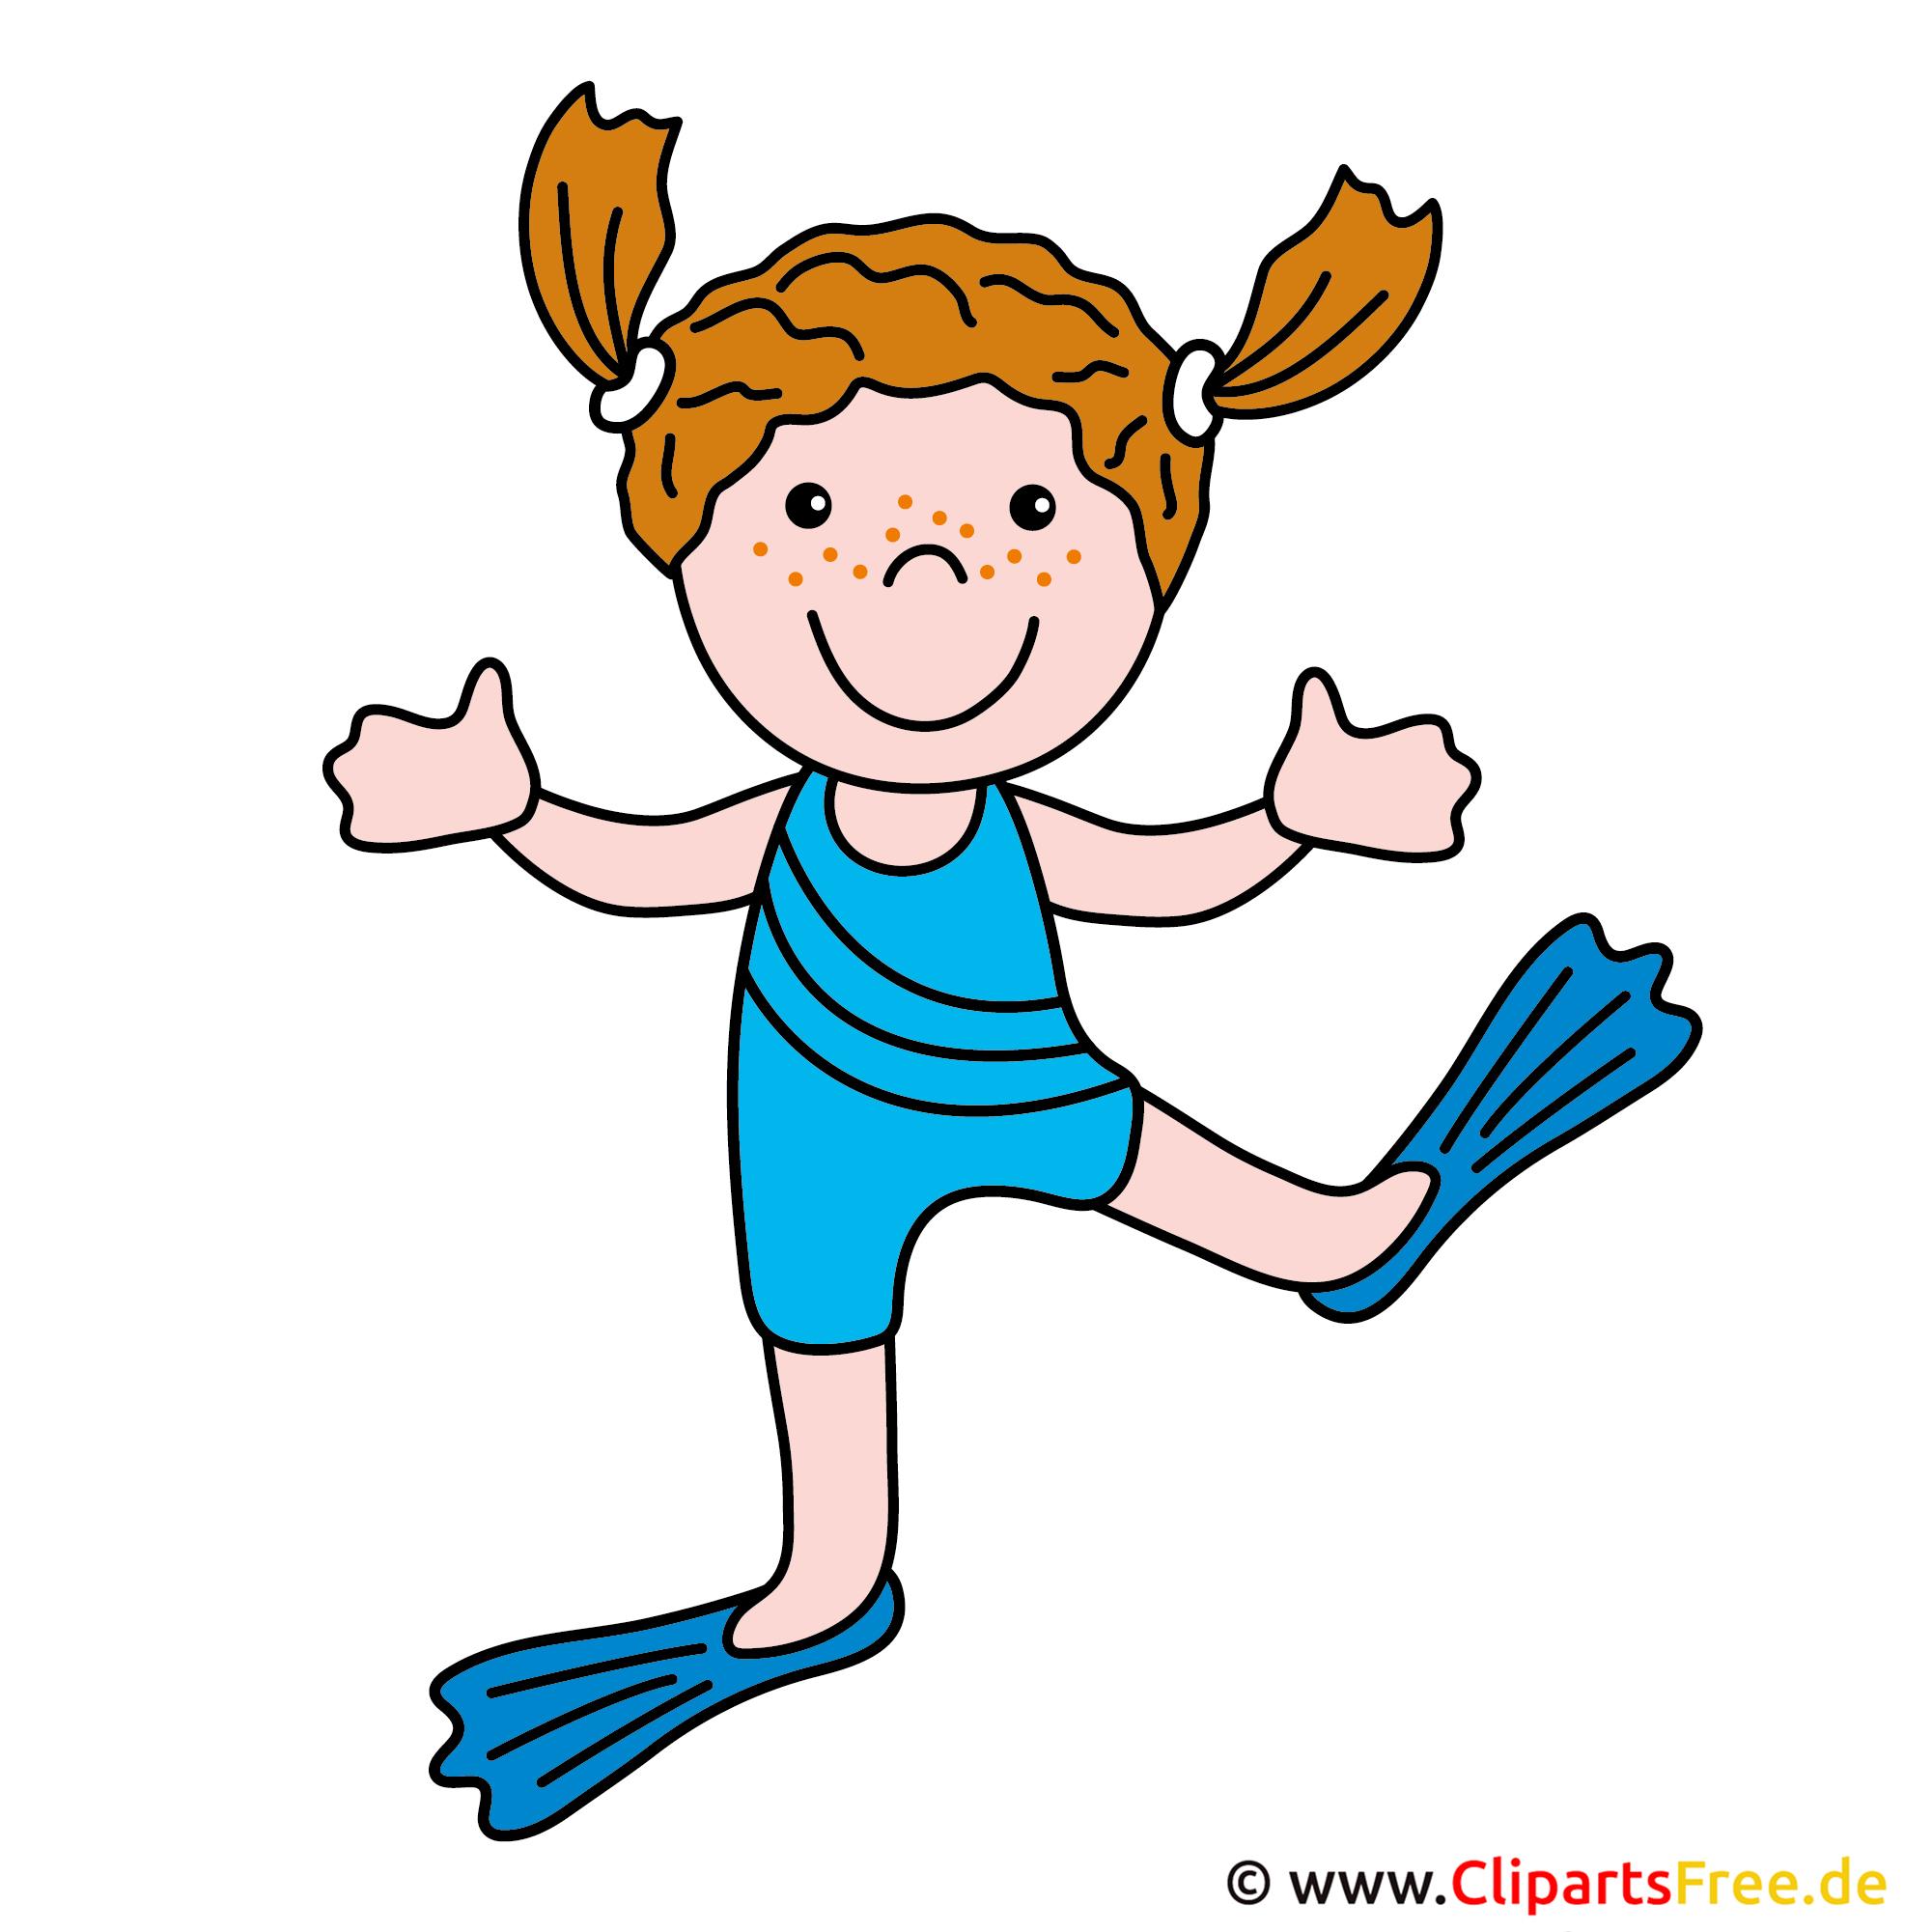 Schwimmbad comic kinder  Schwimmen Clipart Bild gratis